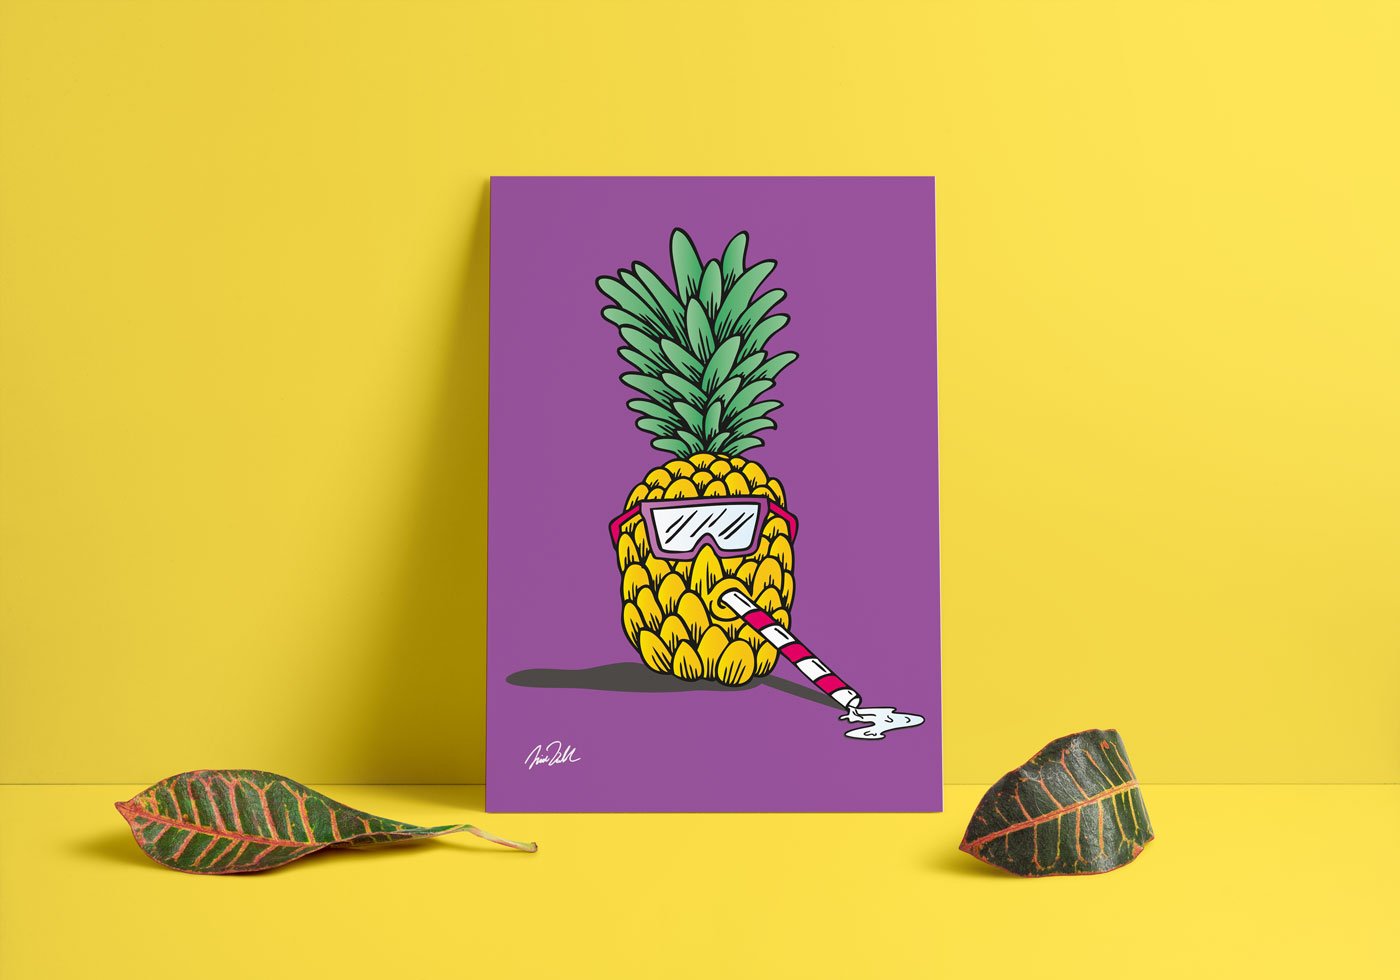 Fresh-Juicy-Poster.jpg